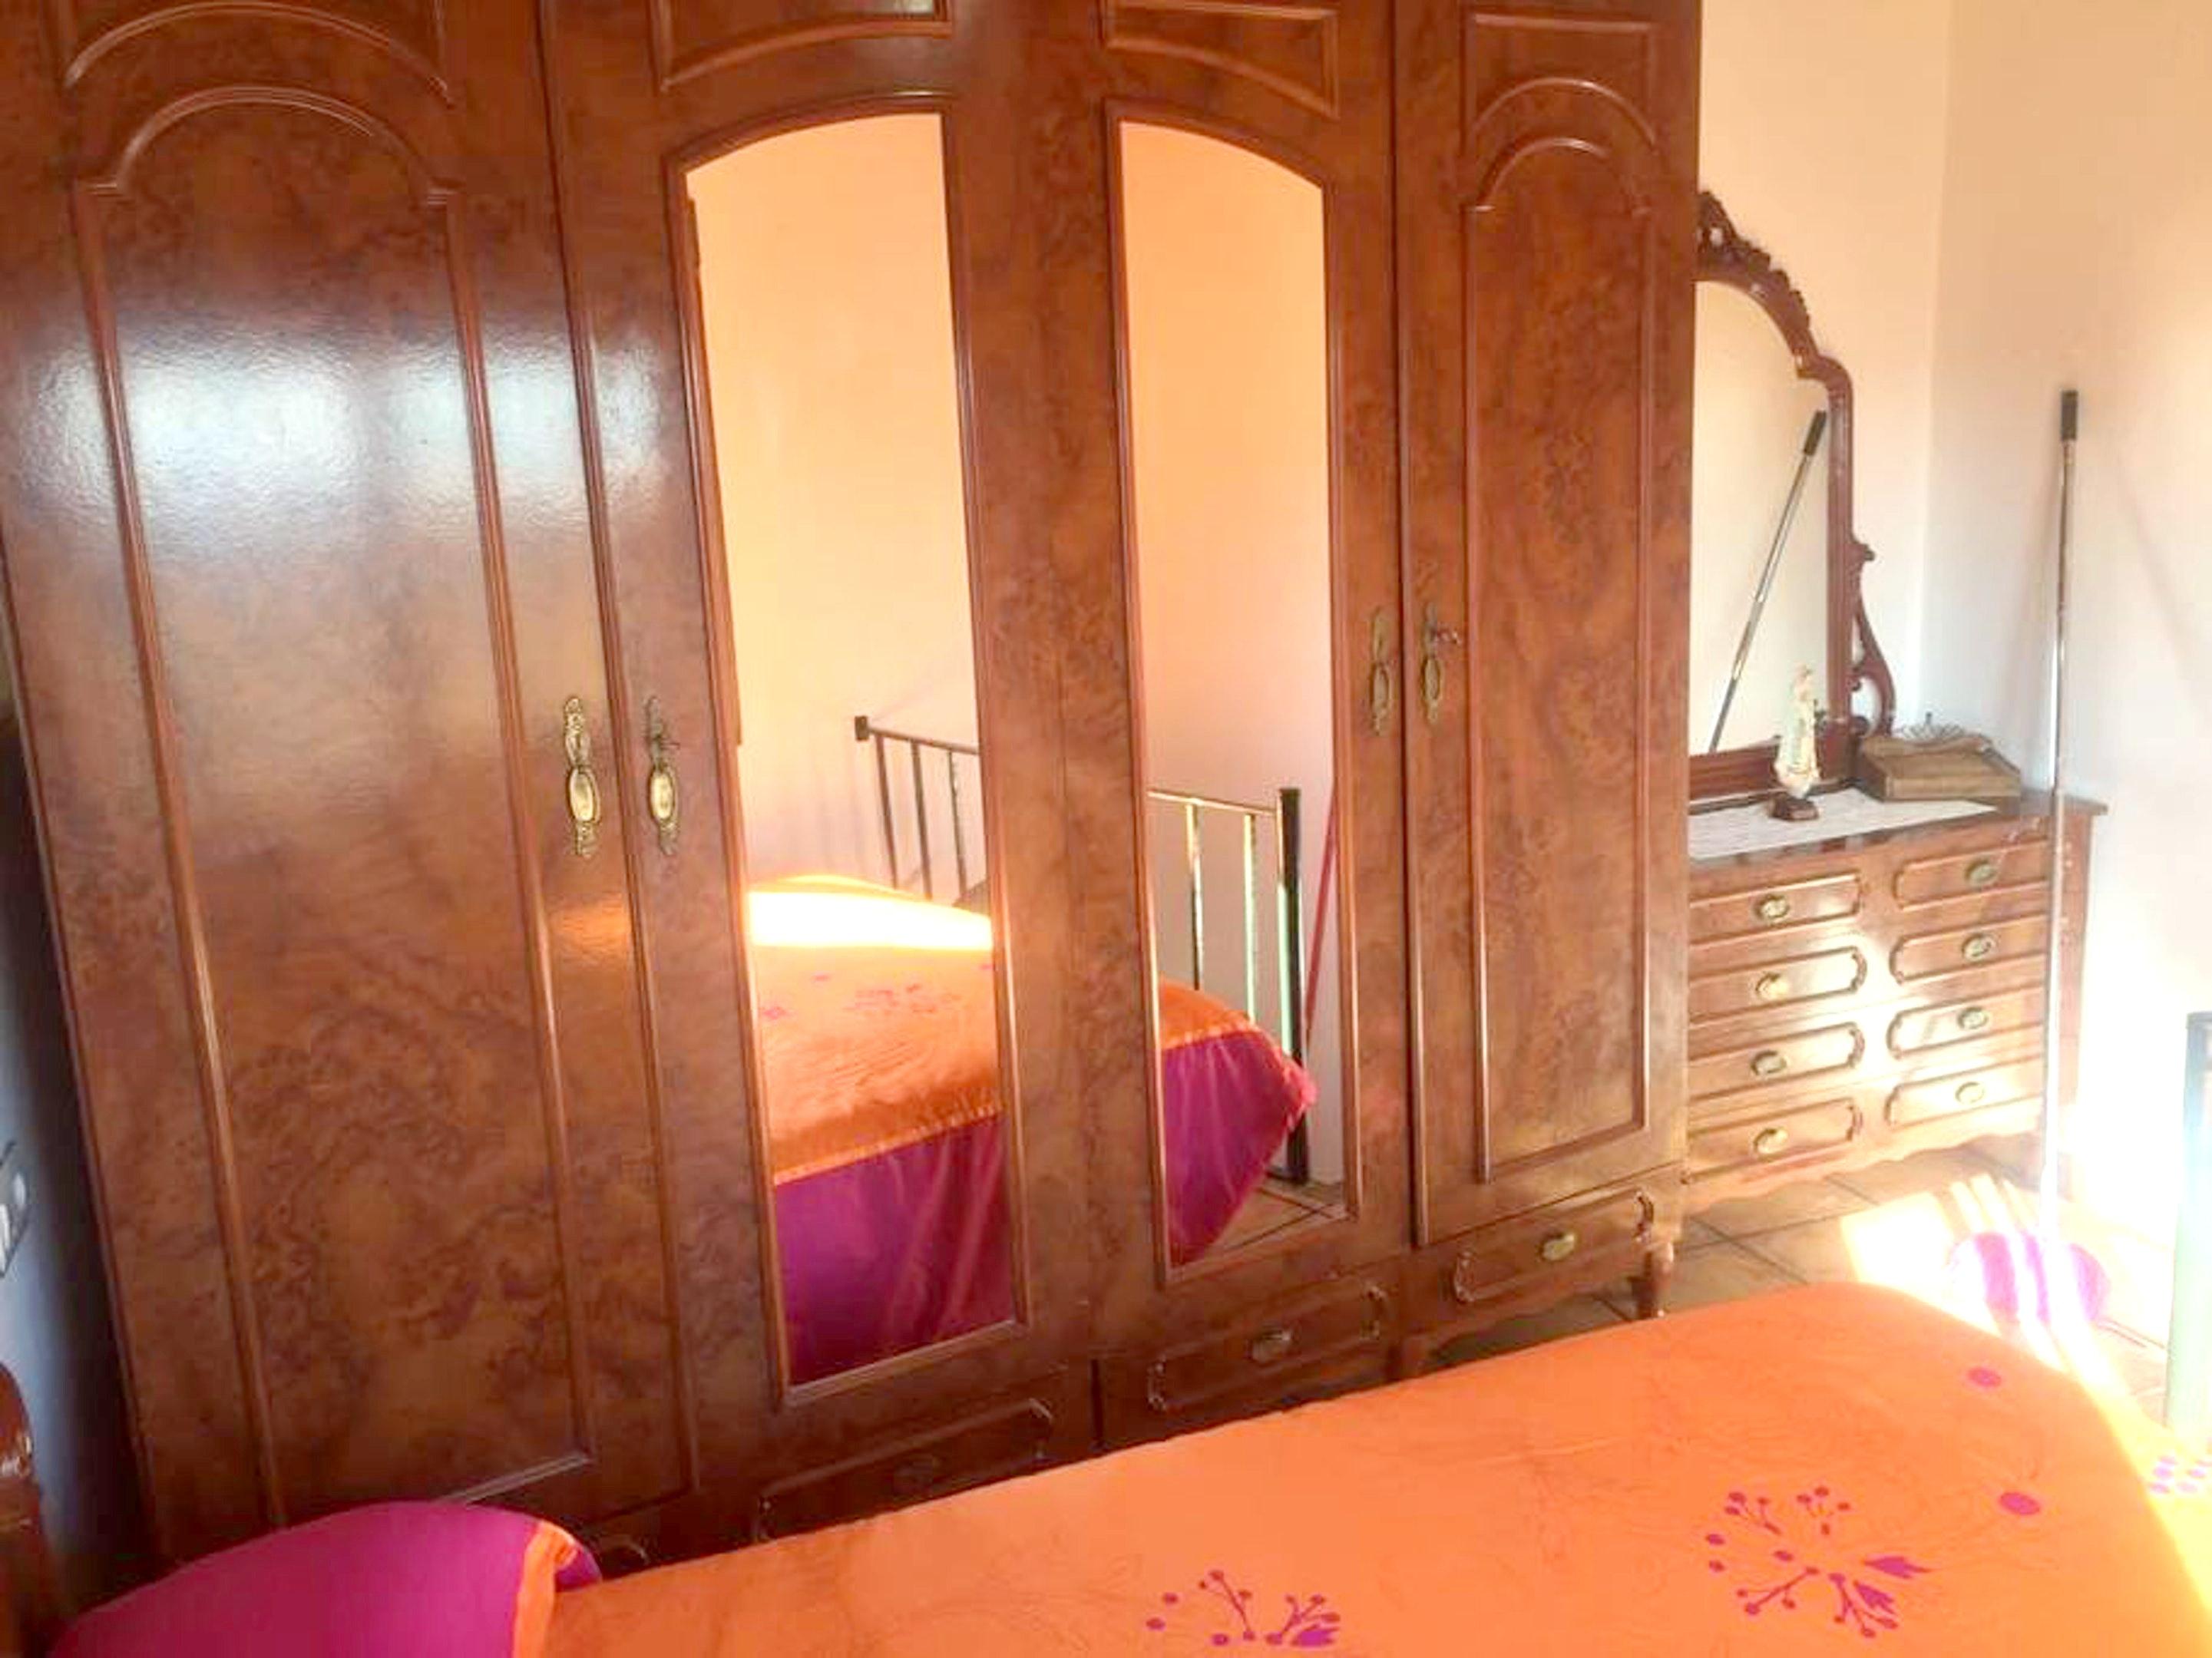 Ferienhaus Villa mit einem Schlafzimmer in Torrox mit herrlichem Meerblick, privatem Pool, Terrasse - (2519299), Torrox, Costa del Sol, Andalusien, Spanien, Bild 16